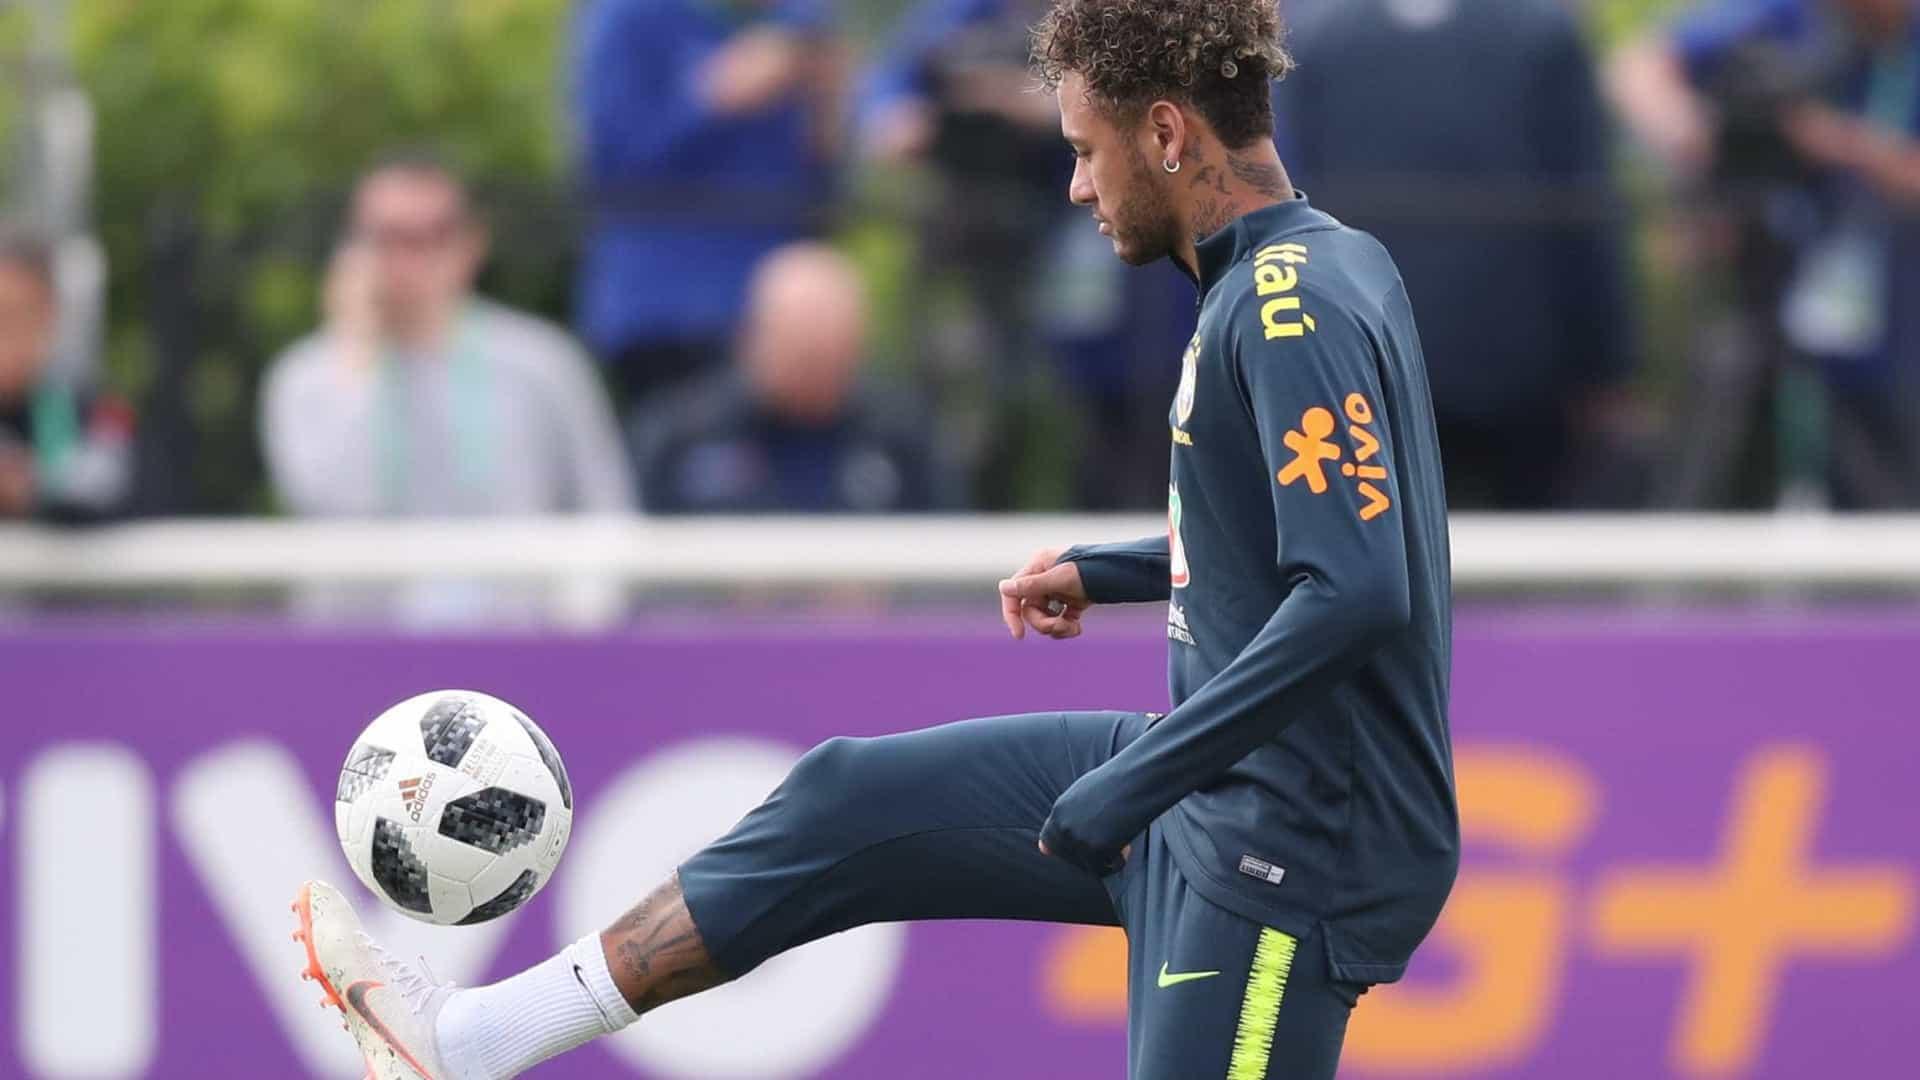 naom 5b195214a08b8 - Sem Neymar em metade das partidas pós-Copa, Brasil mantém bom aproveitamento